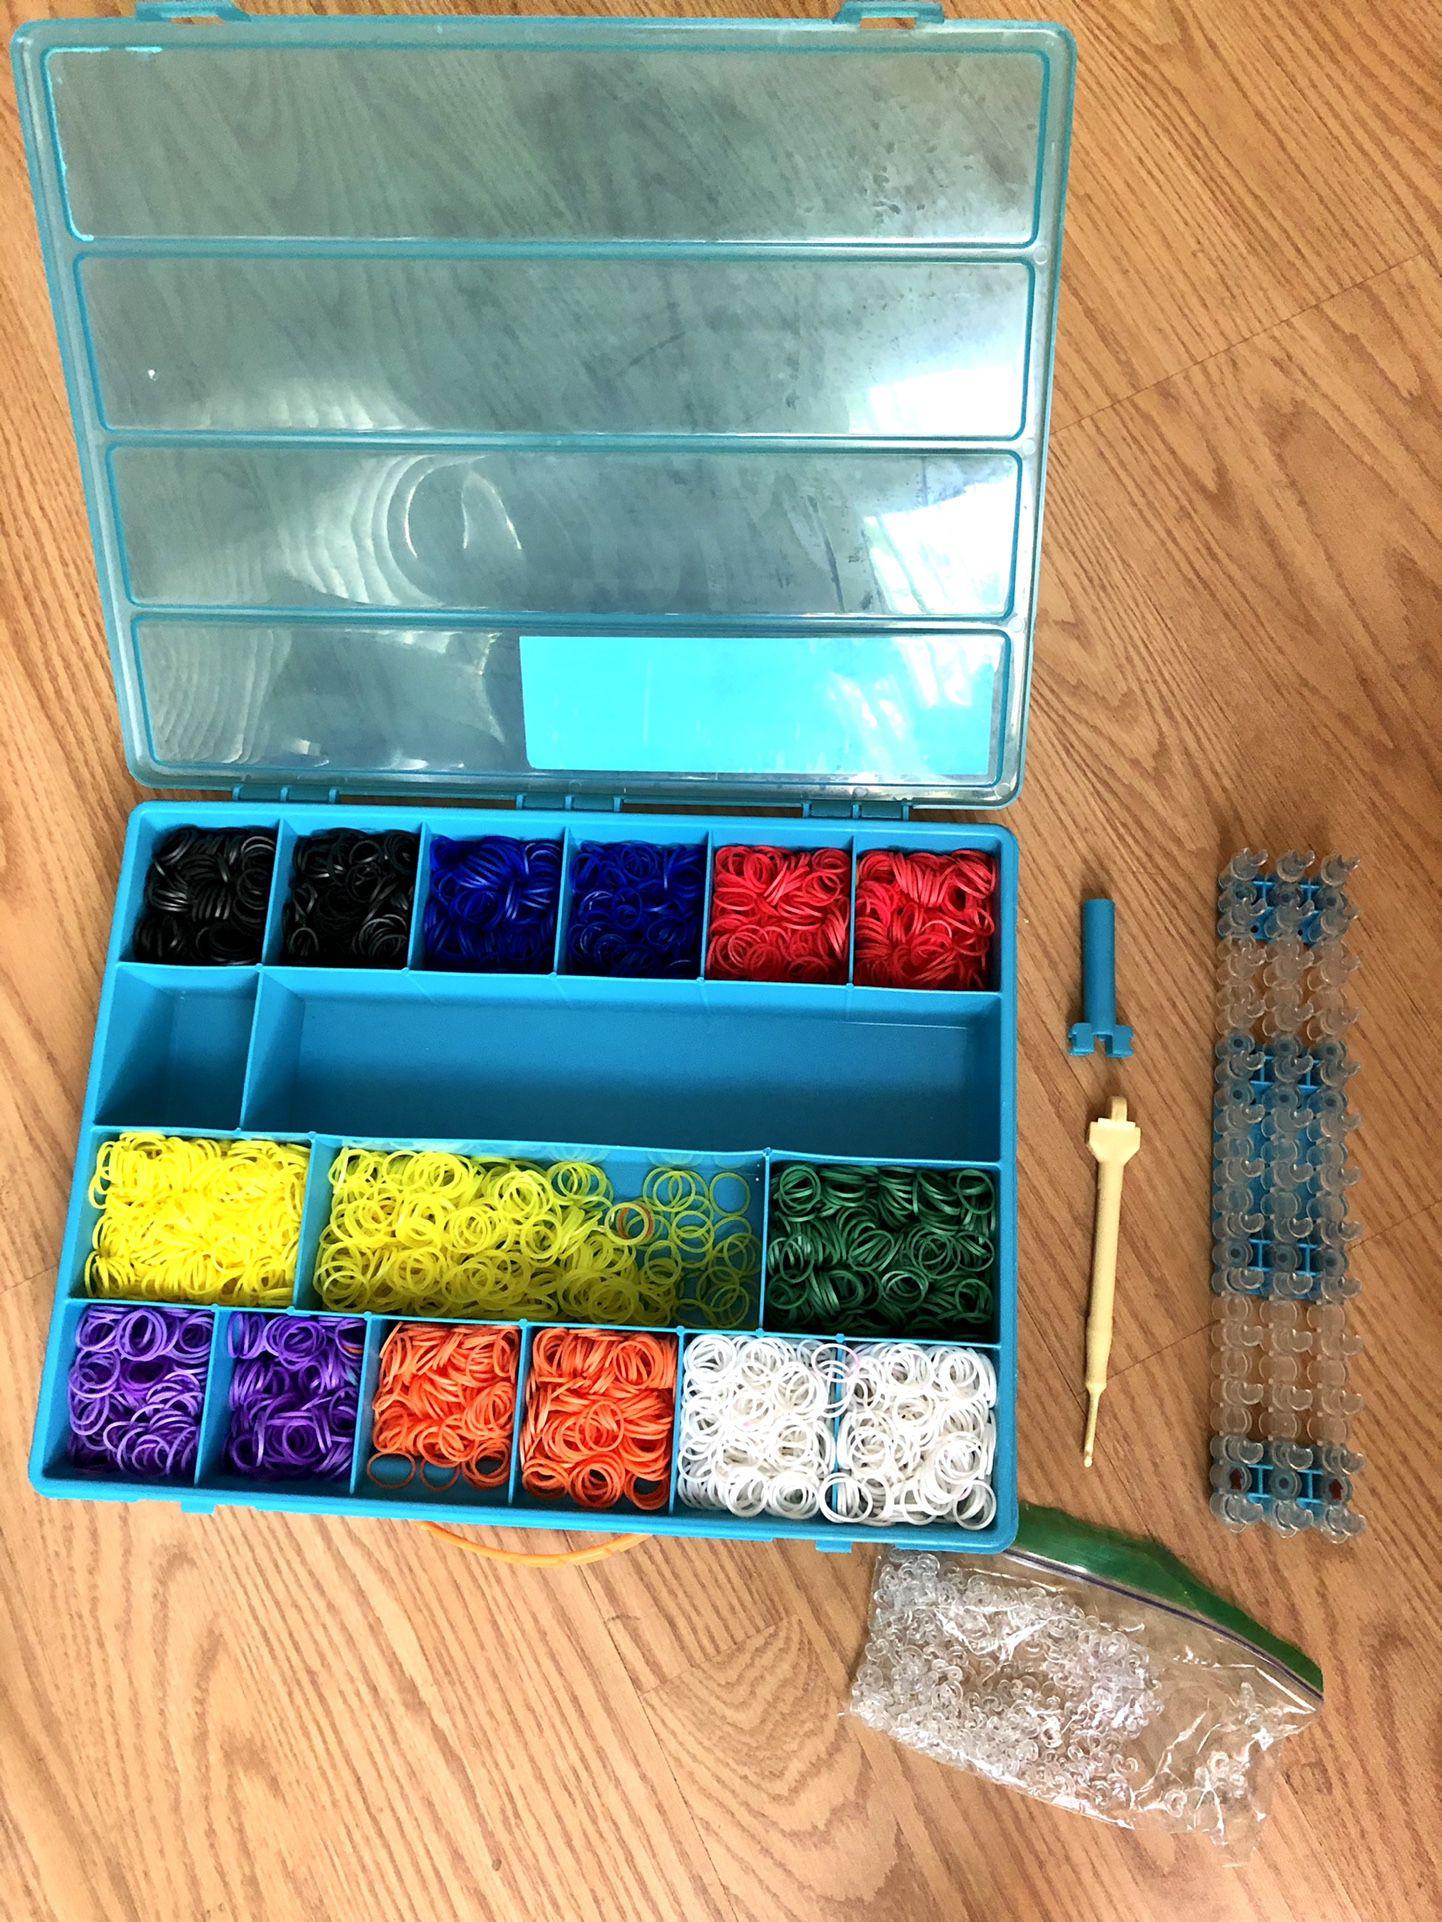 Rainbow loom 🌈 Ready For creativity